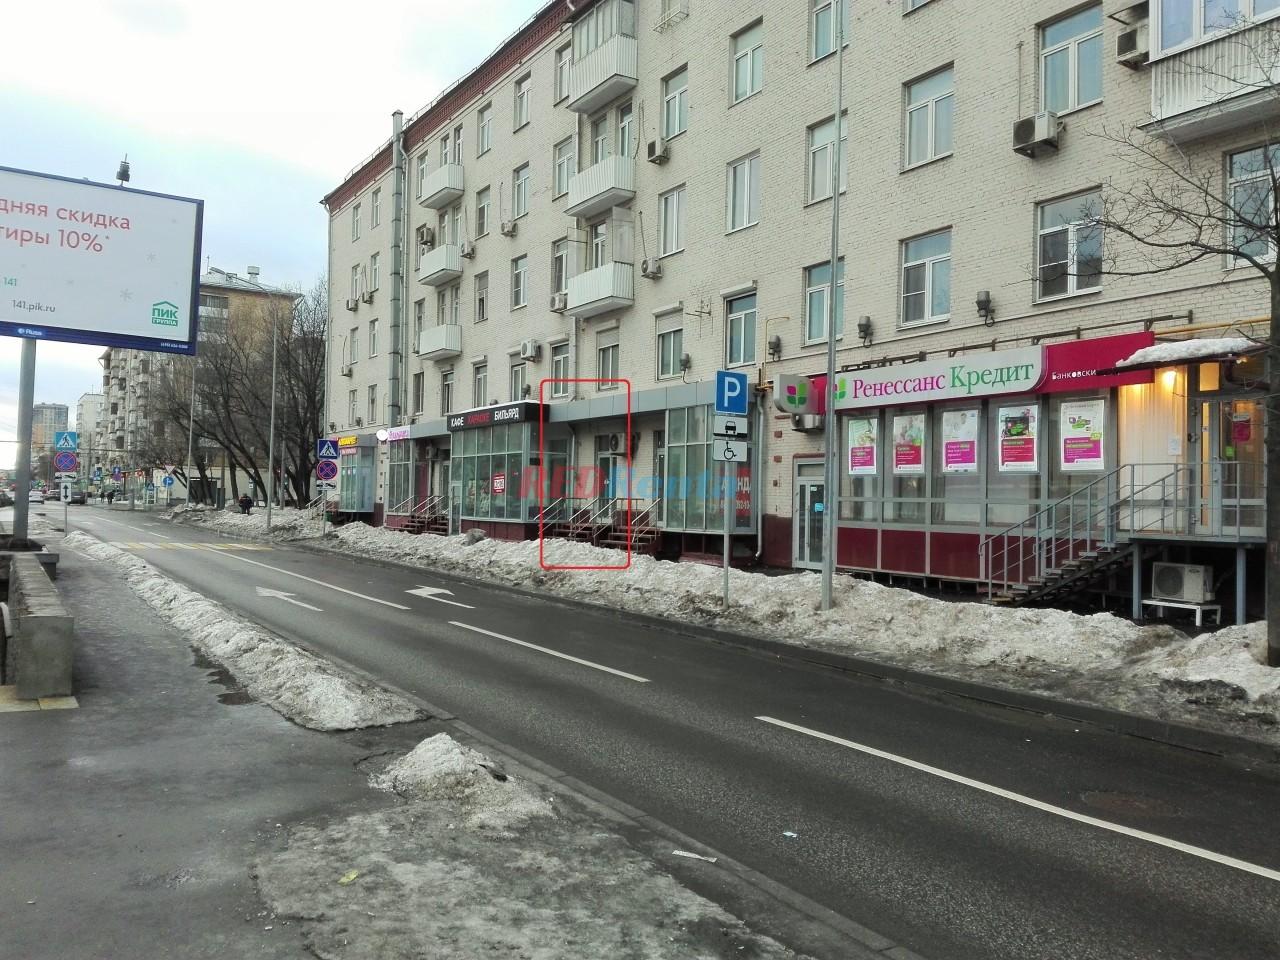 миг кредит варшавское шоссе хоум кредит банк контакты горячая